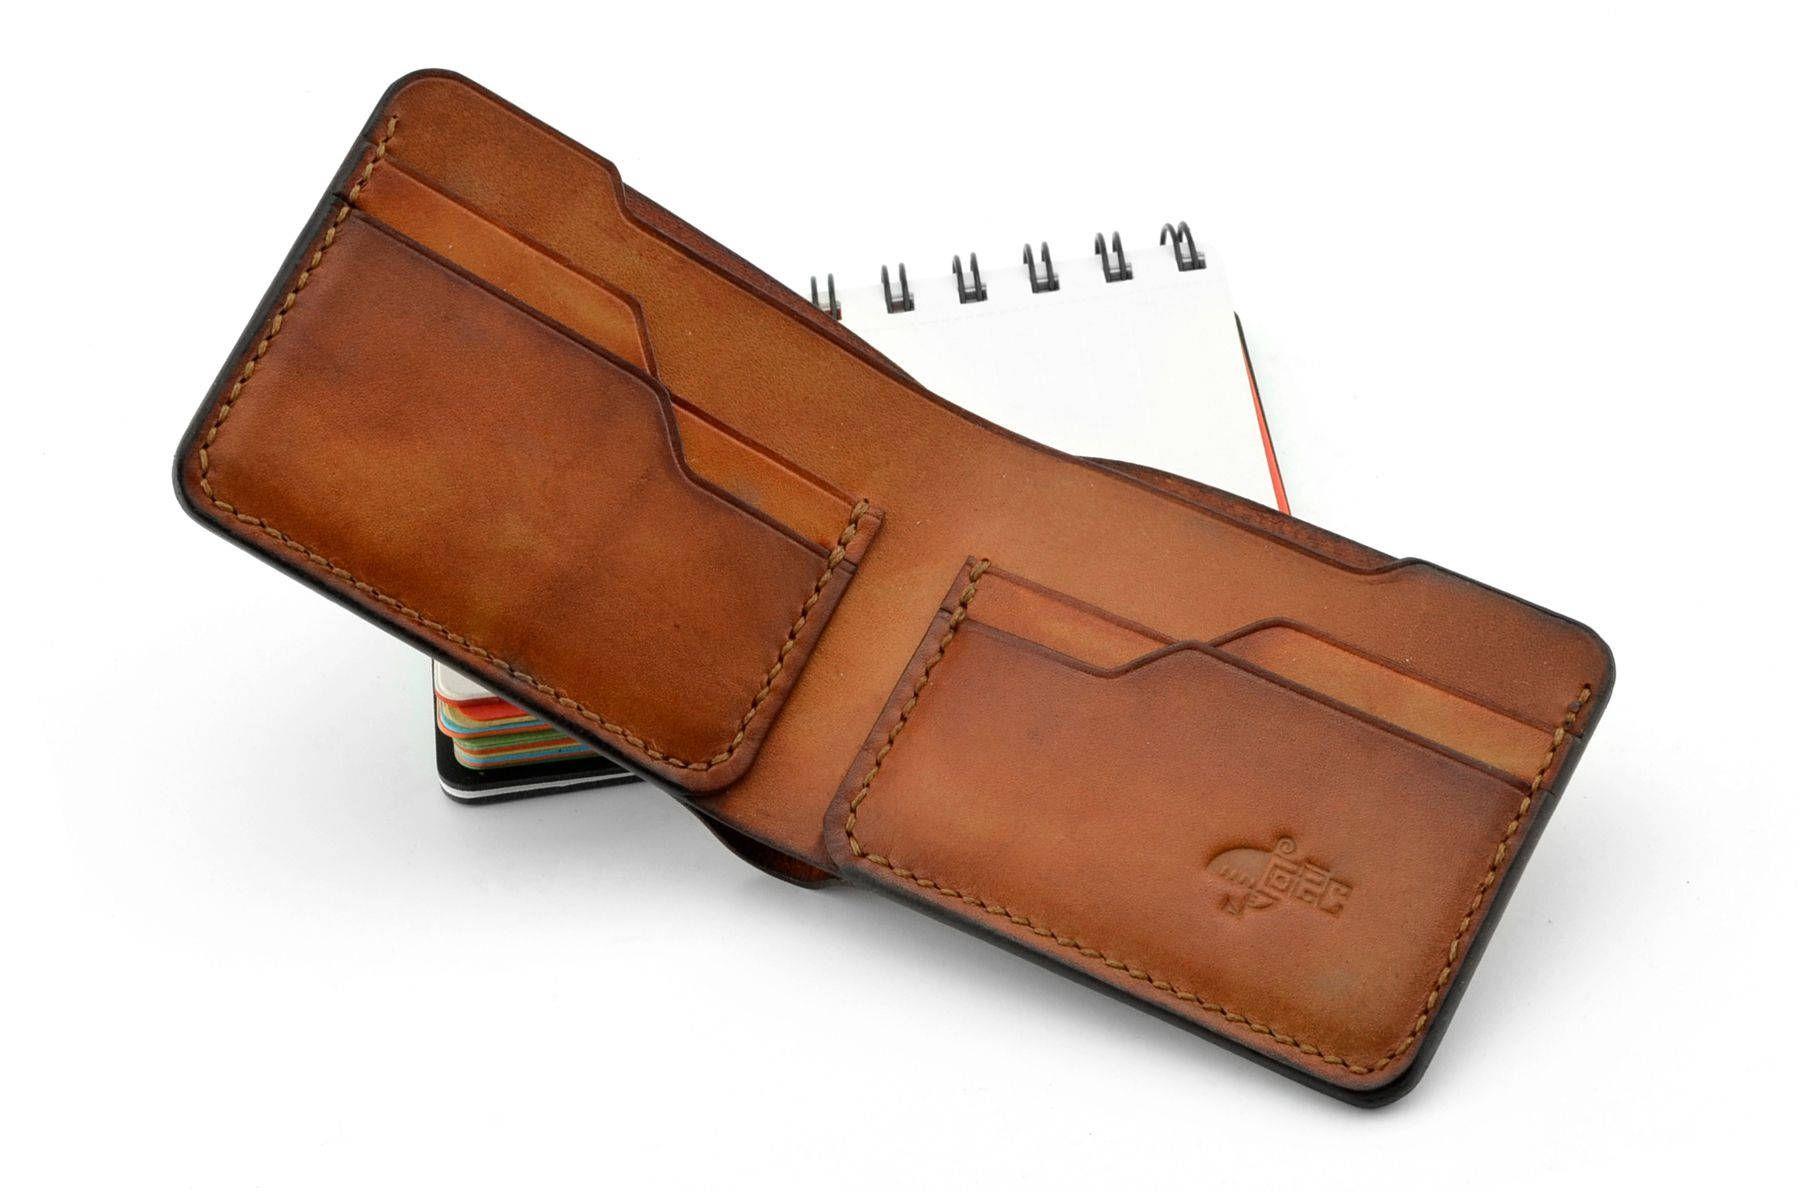 mirada detallada ca025 29341 SLIM cosido a mano Monedero de cuero Bifold, cartera delgada ...